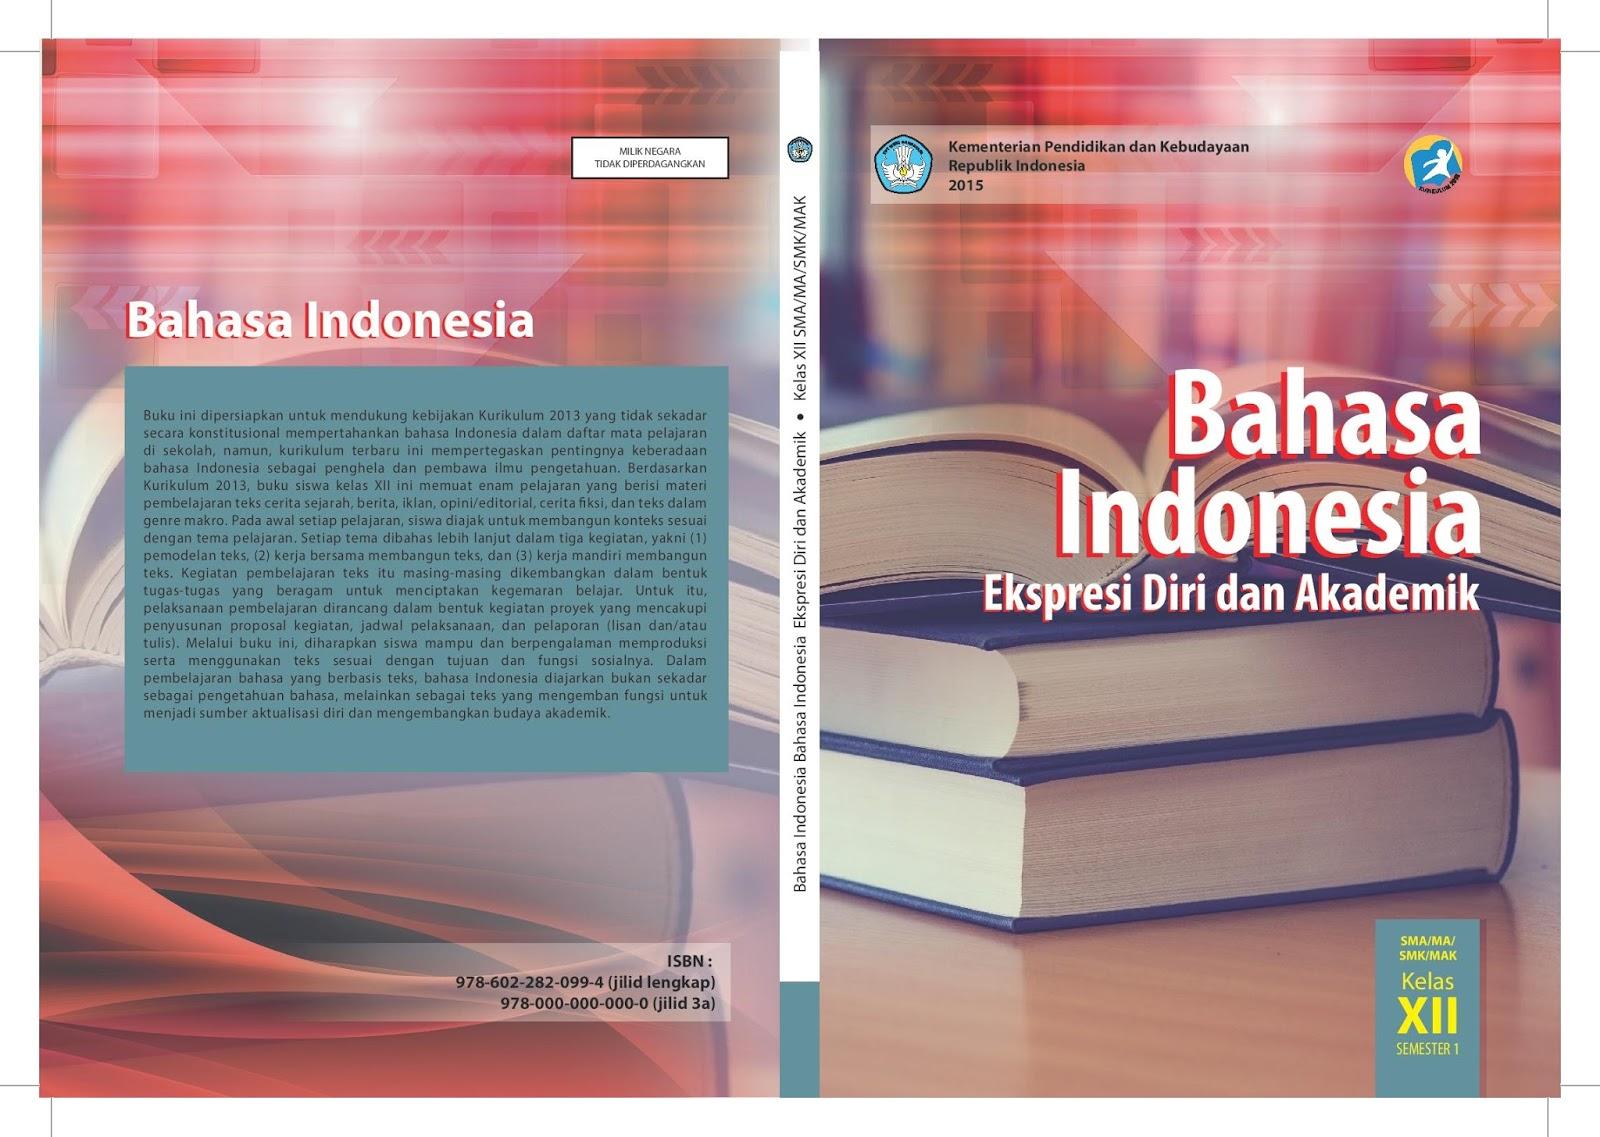 Tugas Bahasa Indonesia Kelas Xii Halaman 14 15 16 Buku Paket